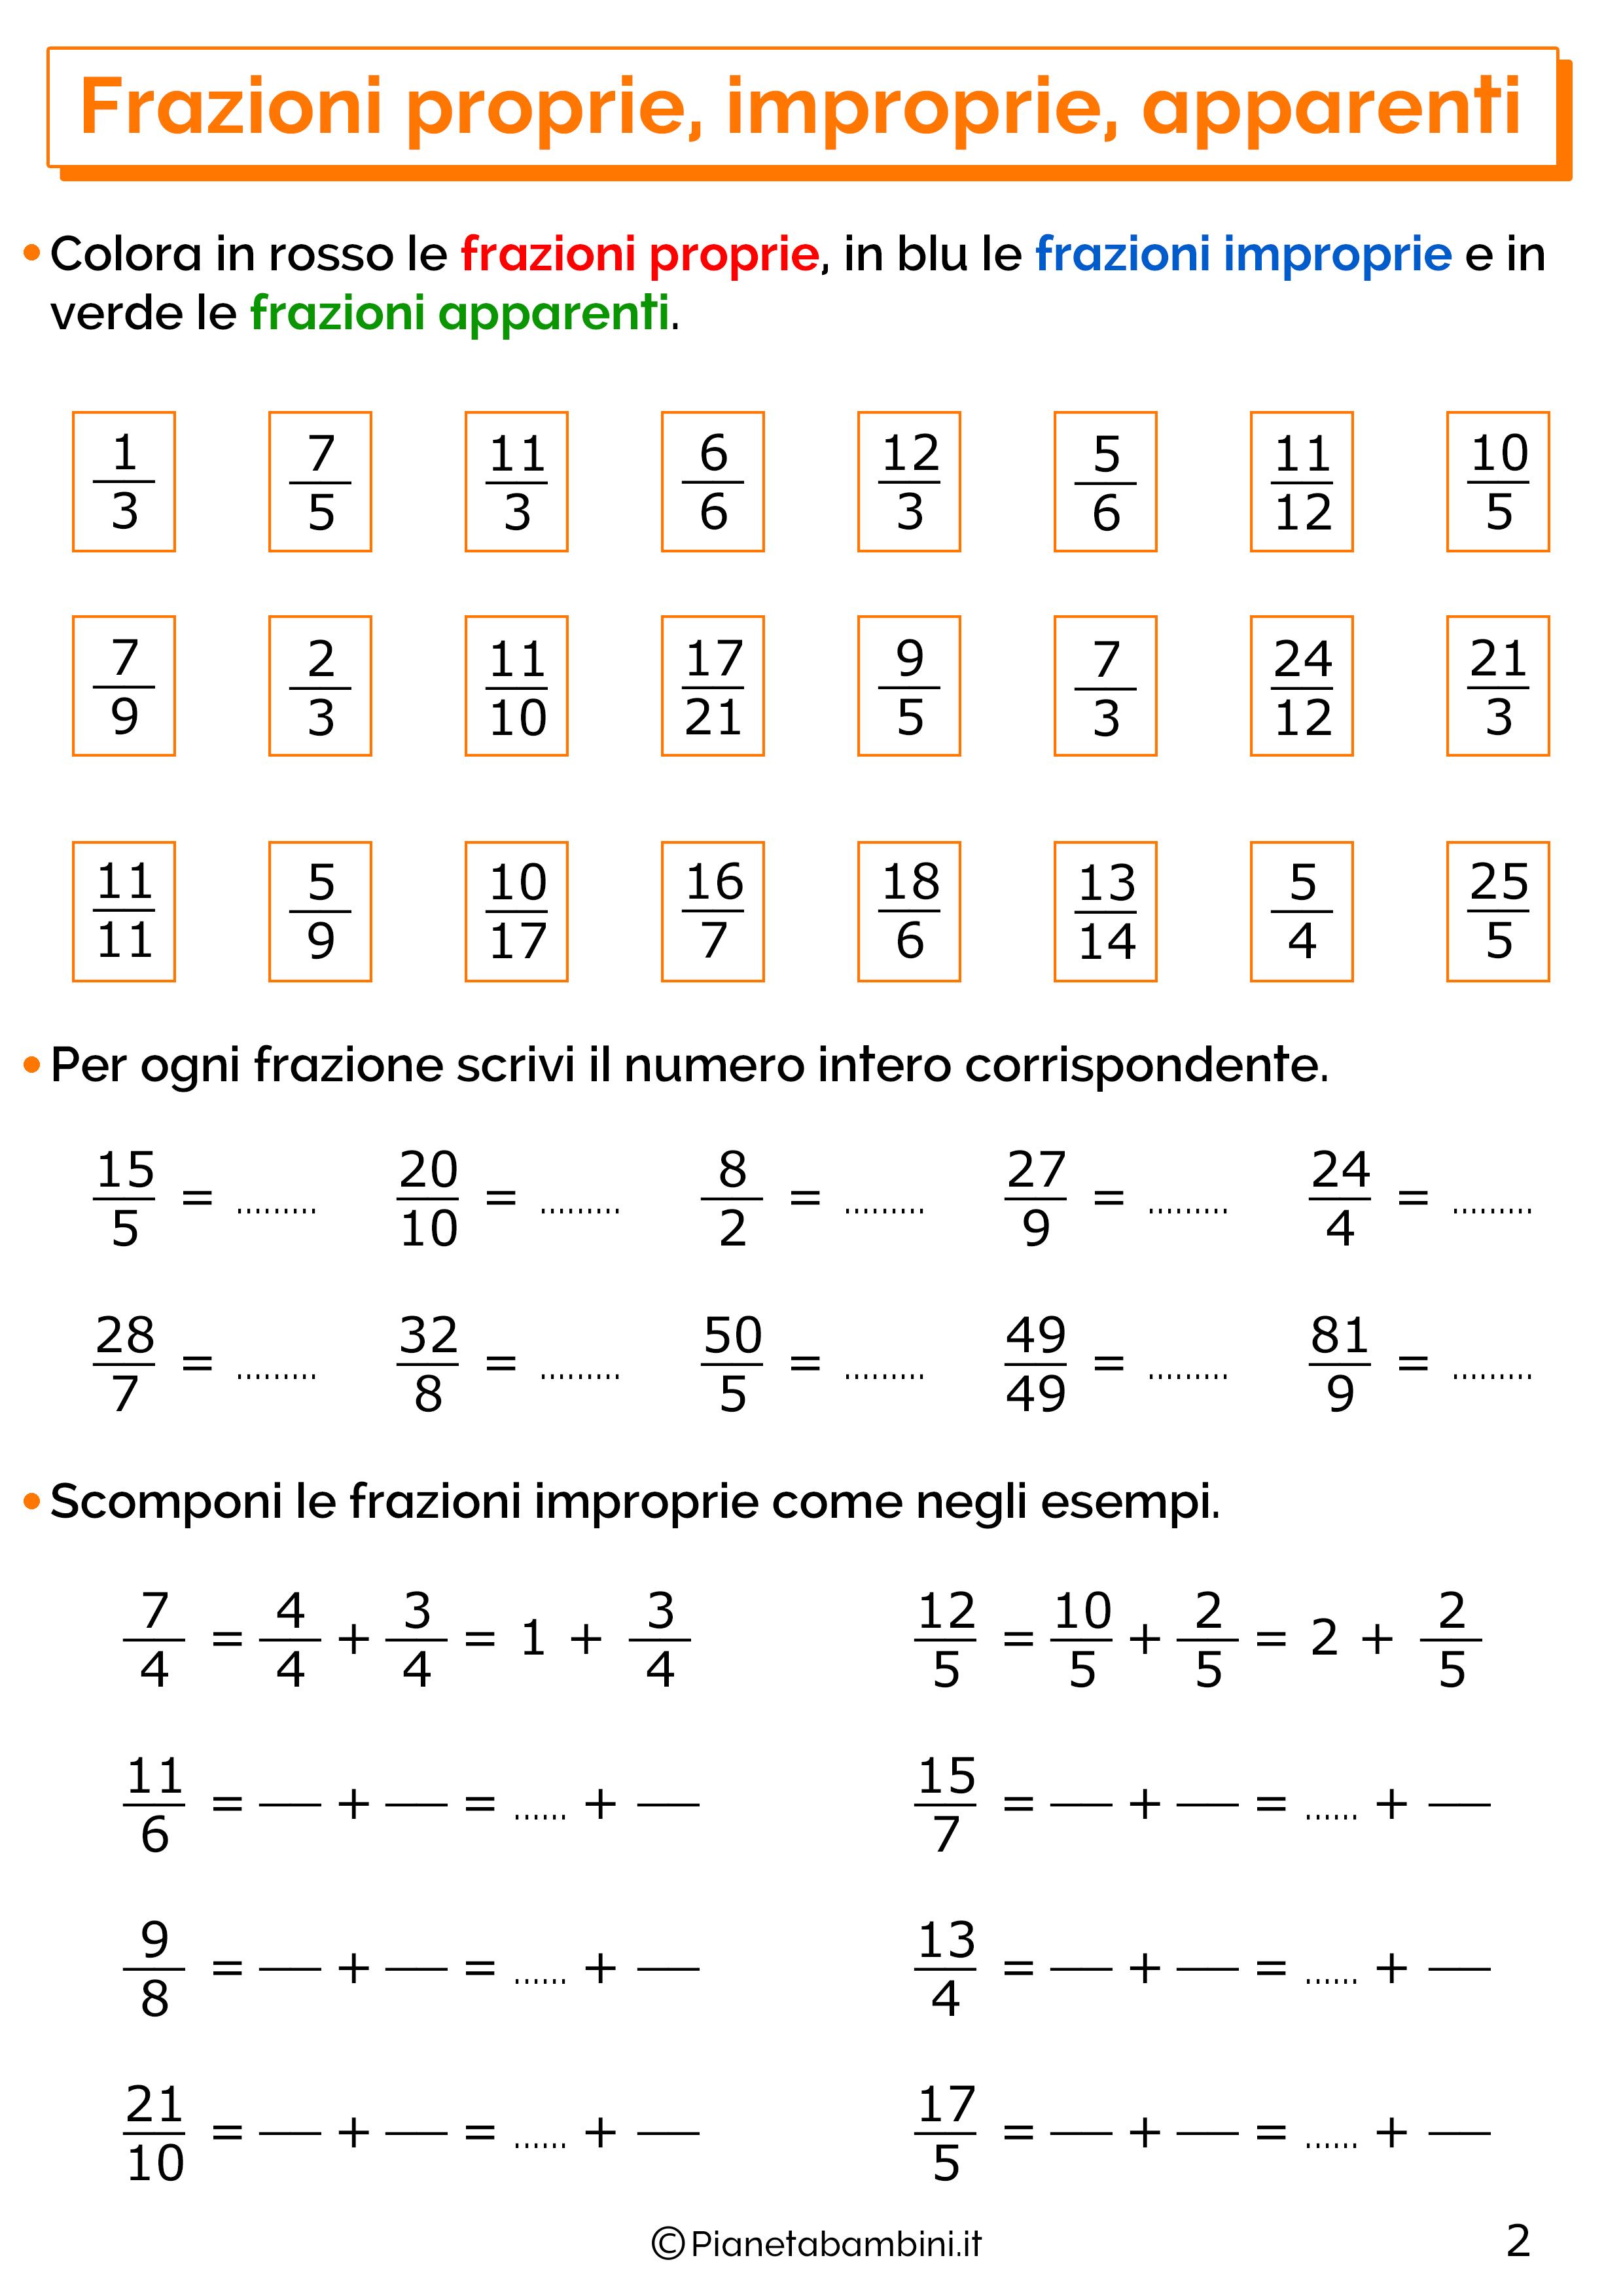 Esercizi sulle frazioni proprie improprie e apparenti 2